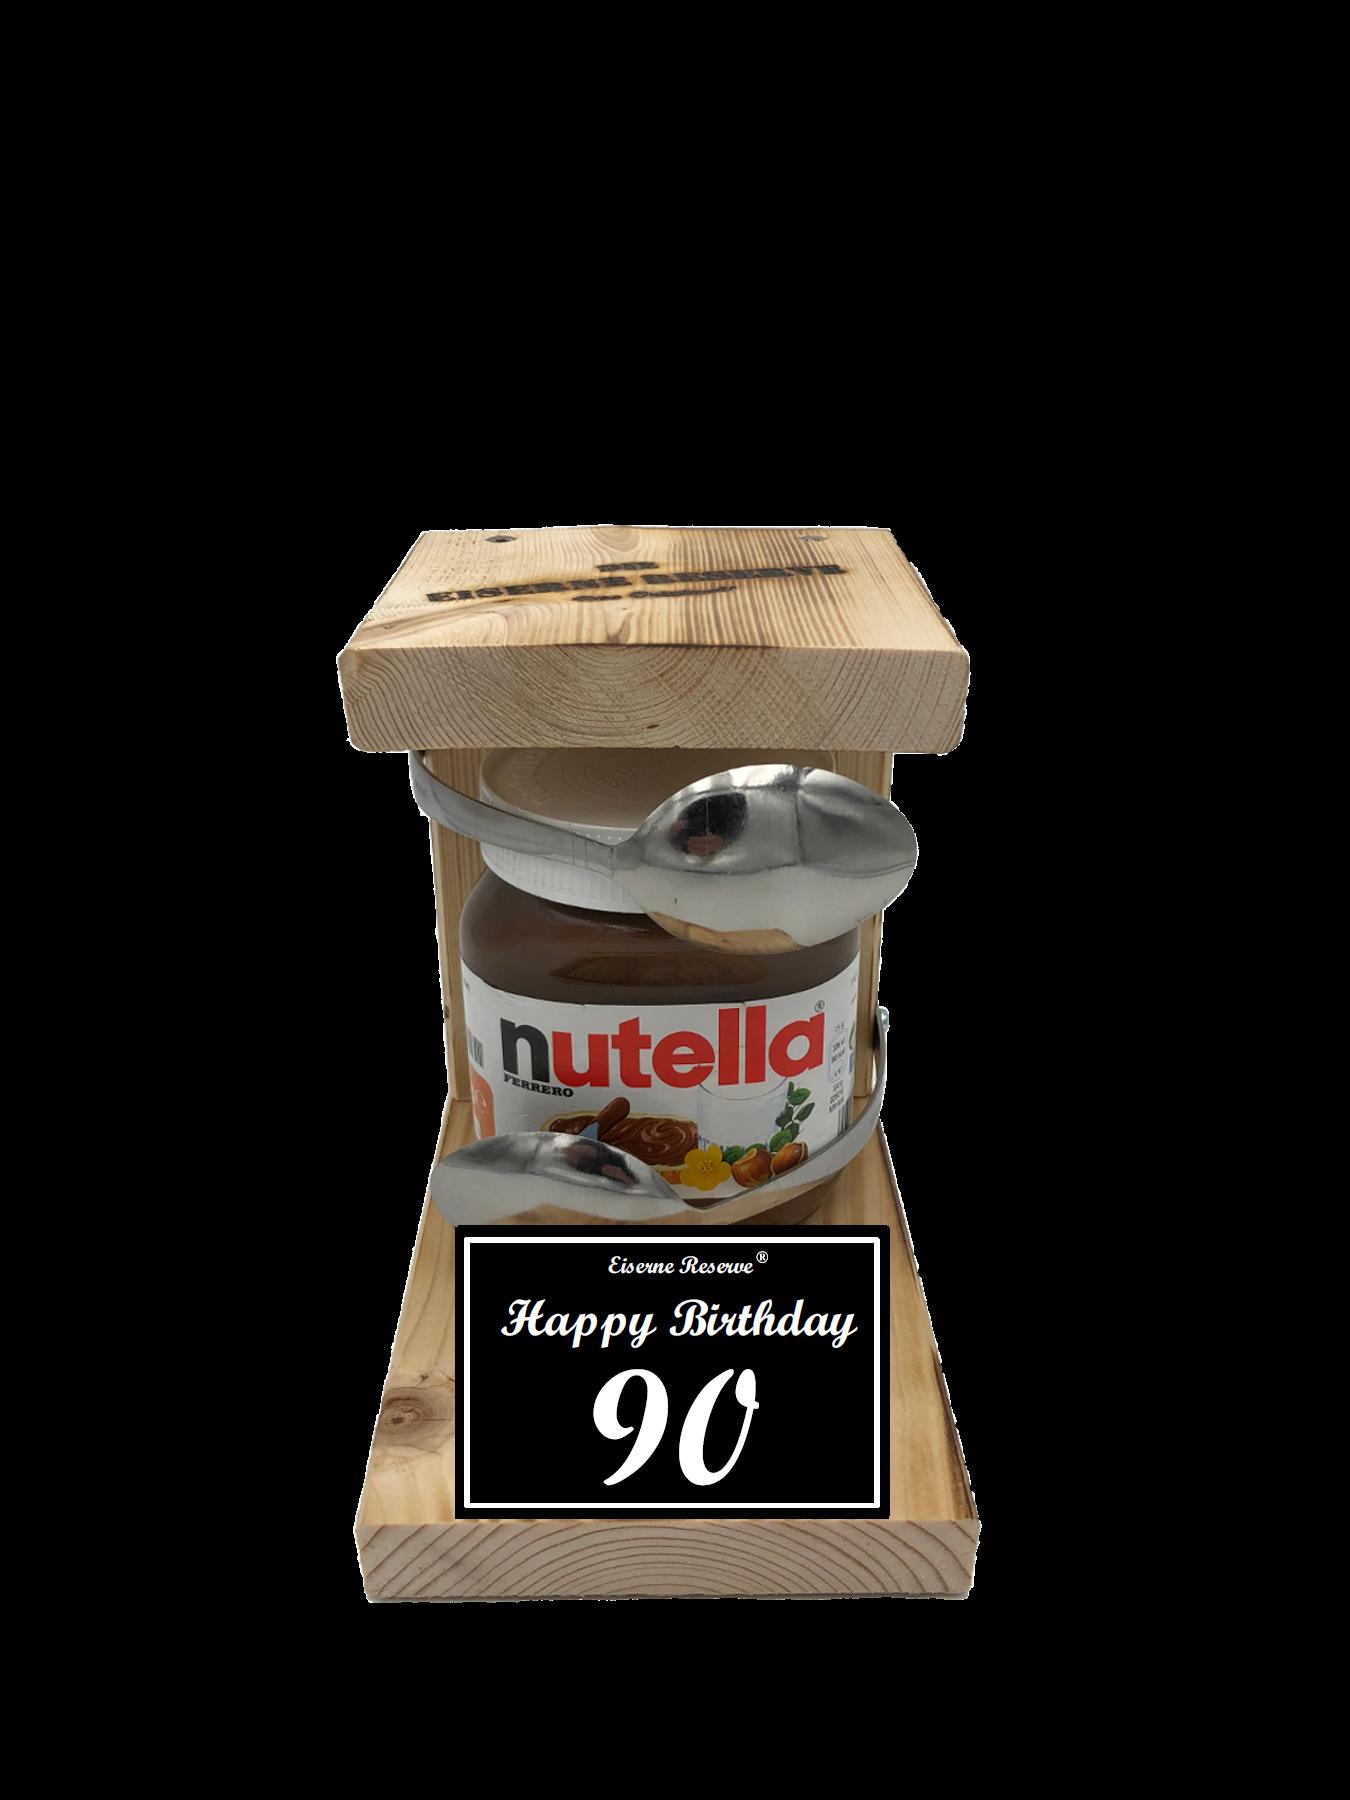 90 Happy Birthday Löffel Nutella Geschenk - Die Nutella Geschenkidee